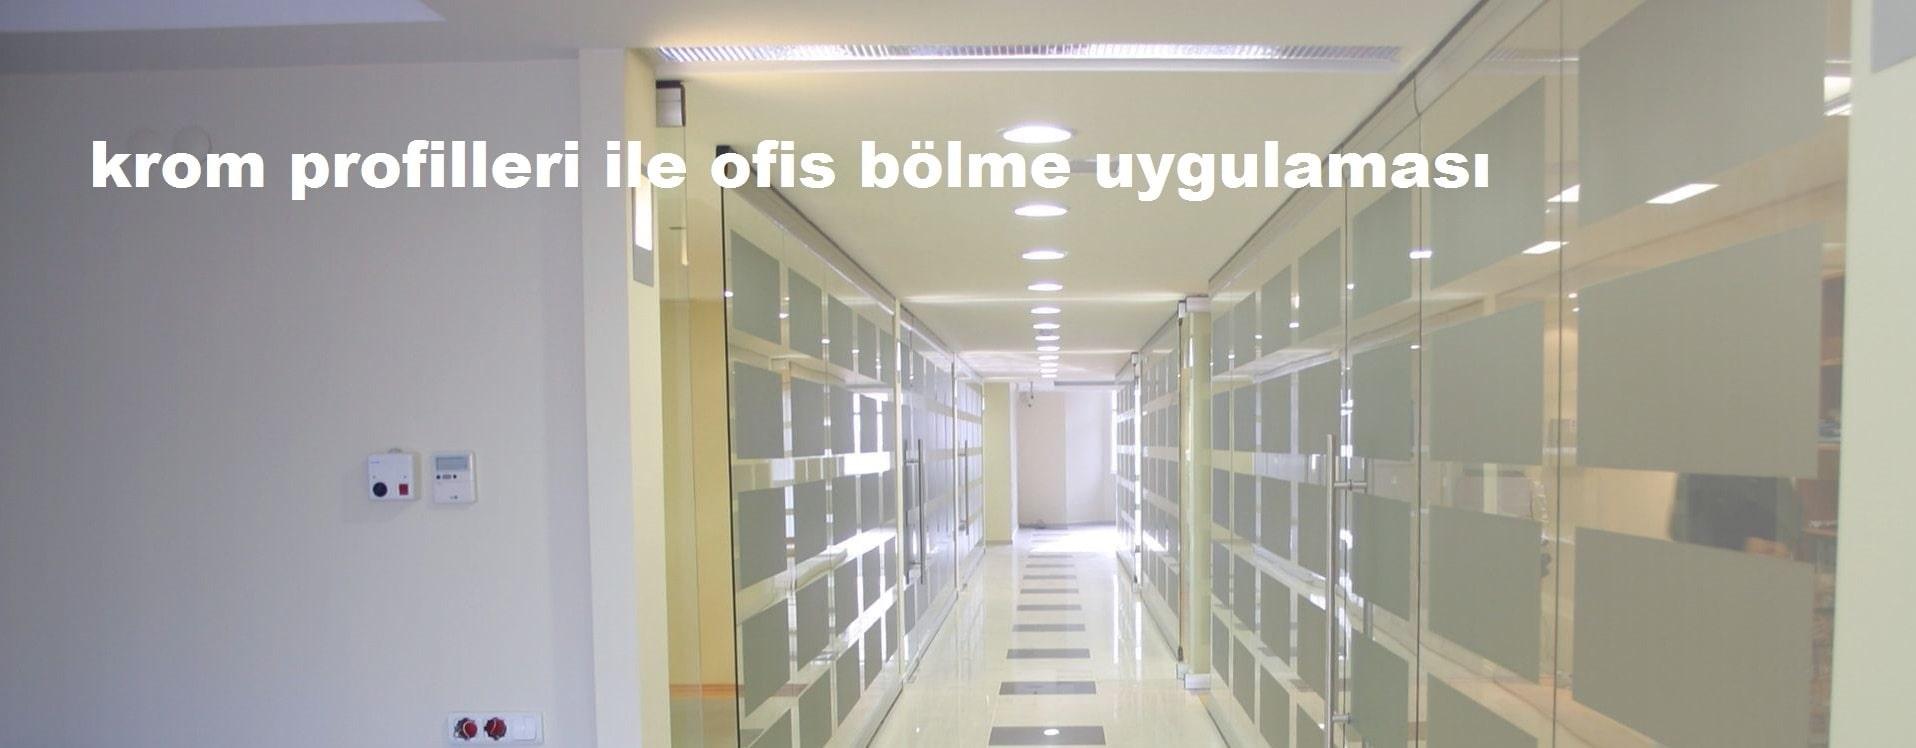 Ofis bölme tasarımları İzmir